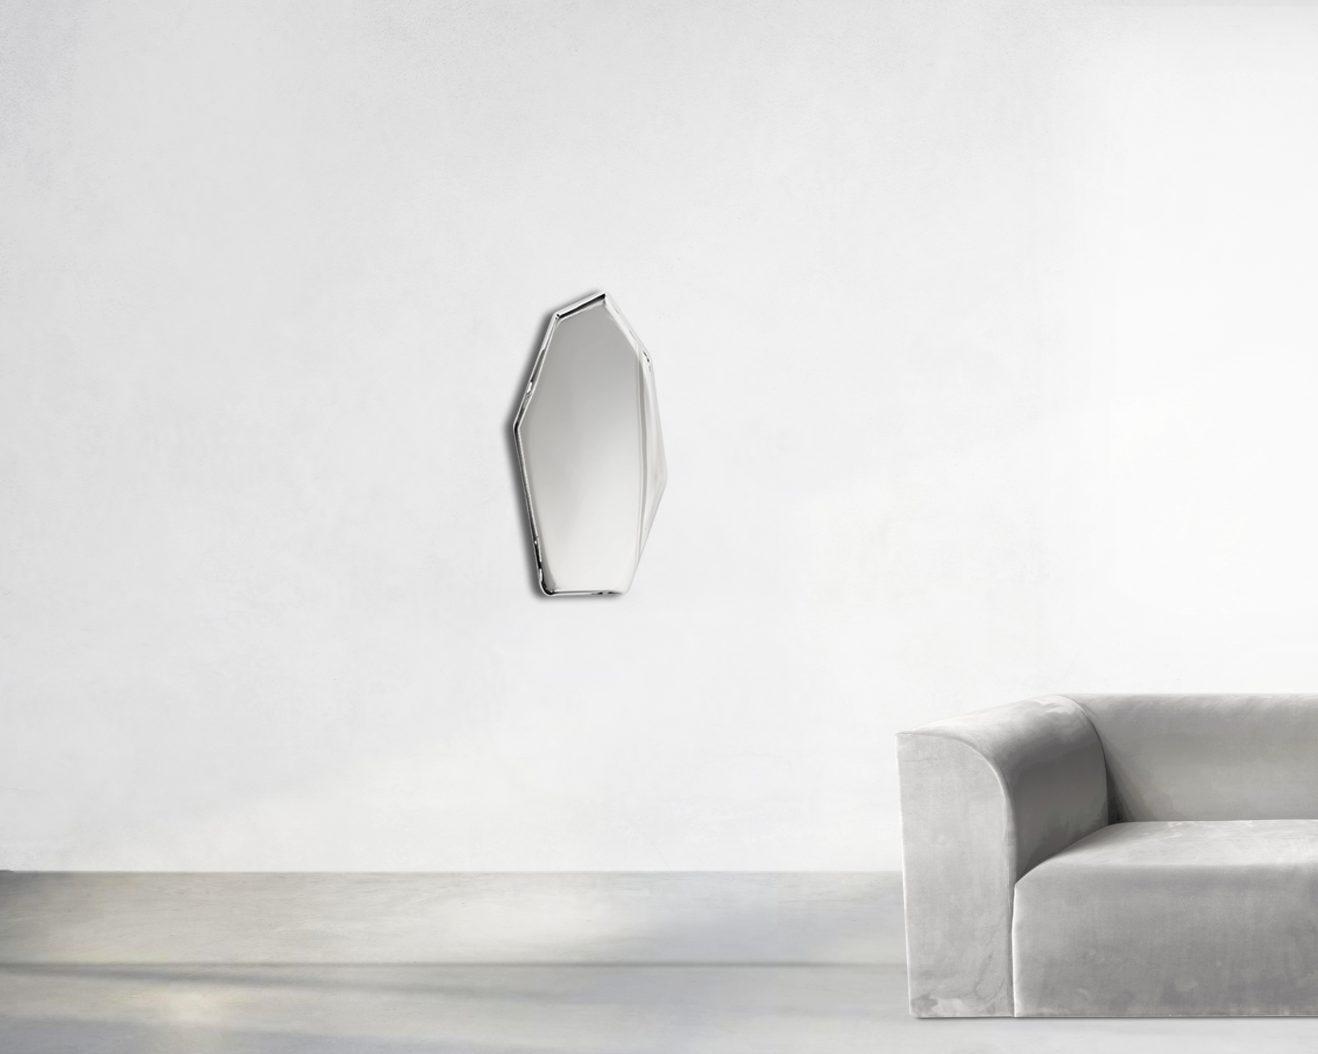 Zieta-C4-Mirror-Savannah-Bay-Gallery